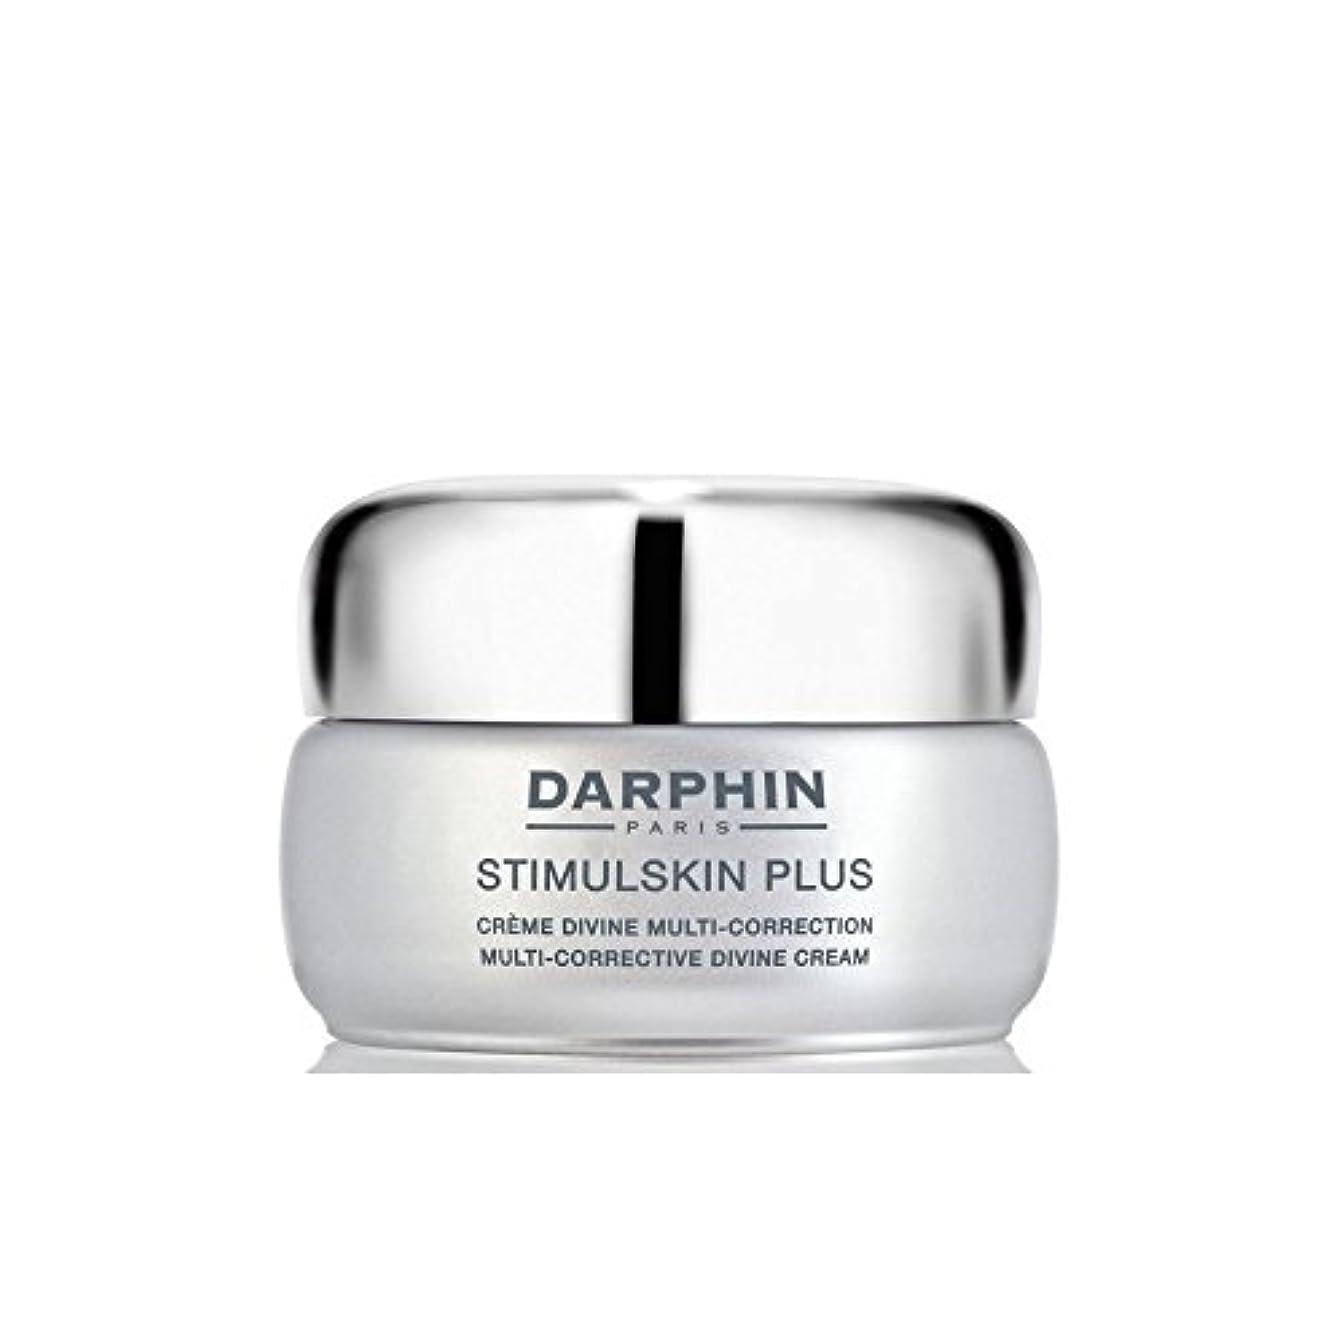 スキャンダラスフィラデルフィア反対するDarphin Stimulskin Plus Multi-Corrective Divine Cream - Rich - ダルファンスティプラスマルチ是正神クリーム - 豊富 [並行輸入品]